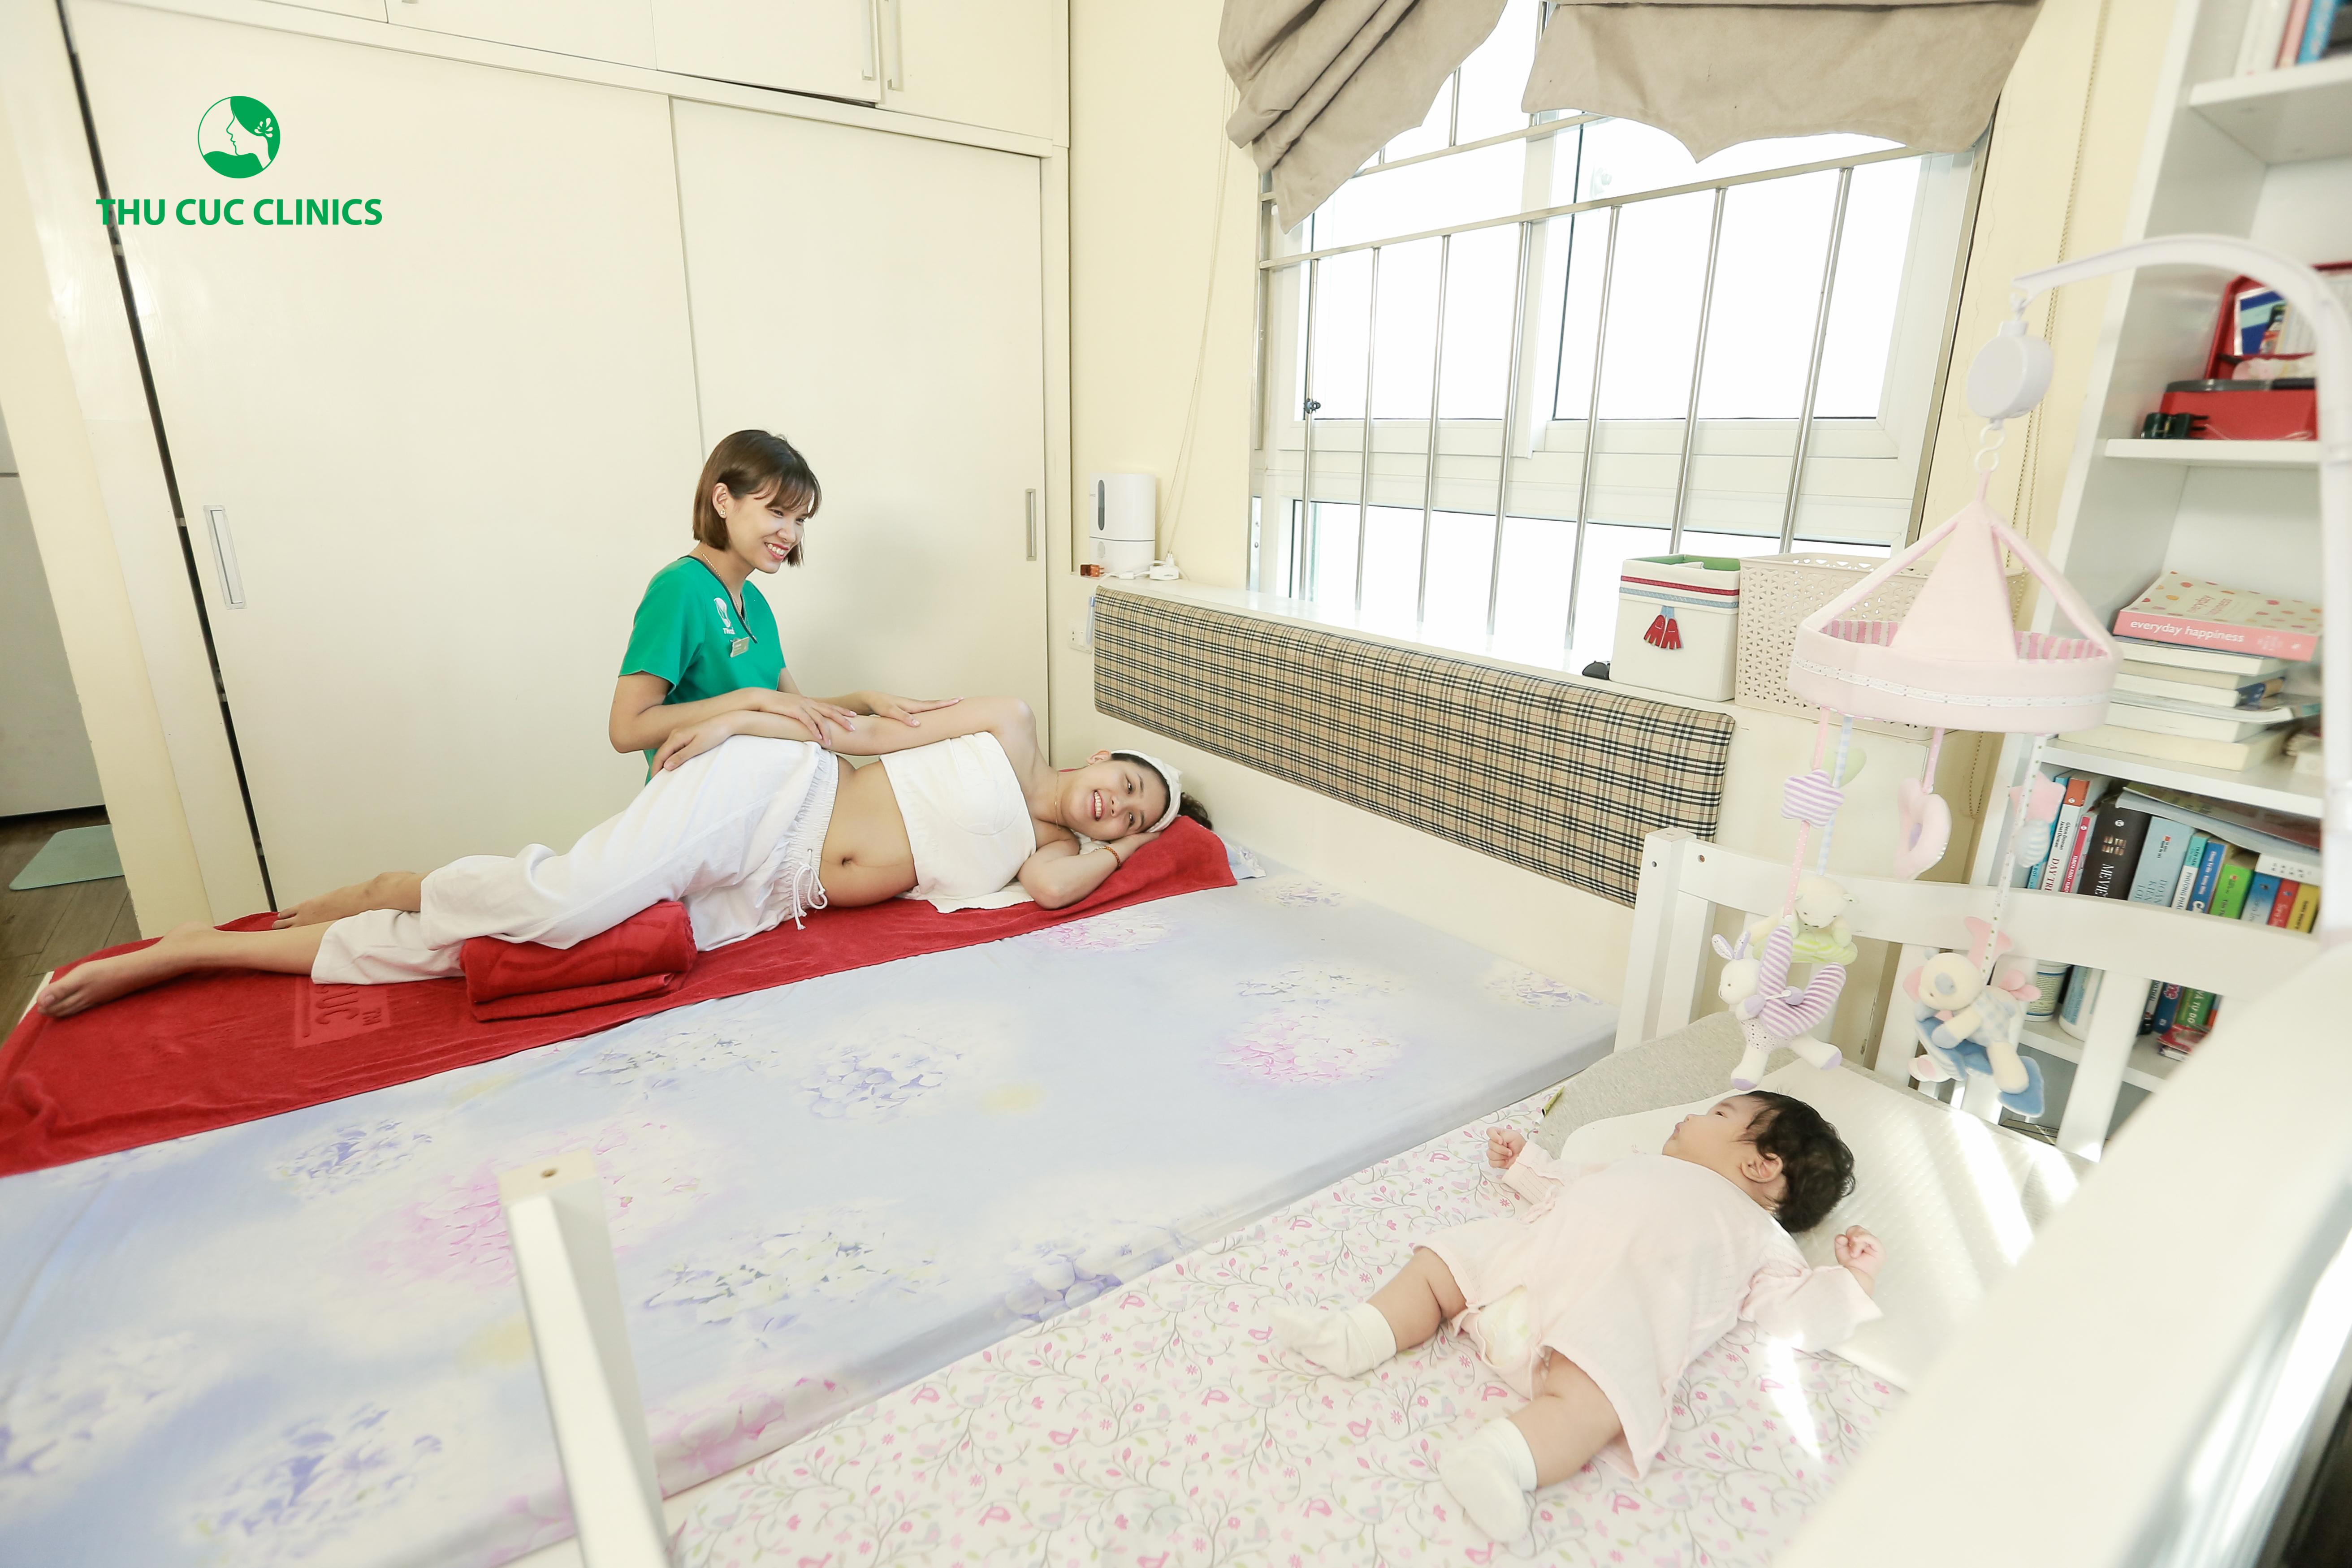 Massage sau sinh có tác dụng rất tốt cho việc phục hồi cơ thể của chị Hằng, giúp kích thích sự co bóp tử cung, đưa tử cung trở về vị trí cũ, khắc phục tình trạng mất ngủ, mở rộng mạch sữa, kích thích các tuyến sữa ra đều, giúp vòng một săn chắc hơn. Ngoài ra, chị còn có thể vừa thư giãn cơ thể, vừa ngắm nhìn cô công chúa nhỏ của mình